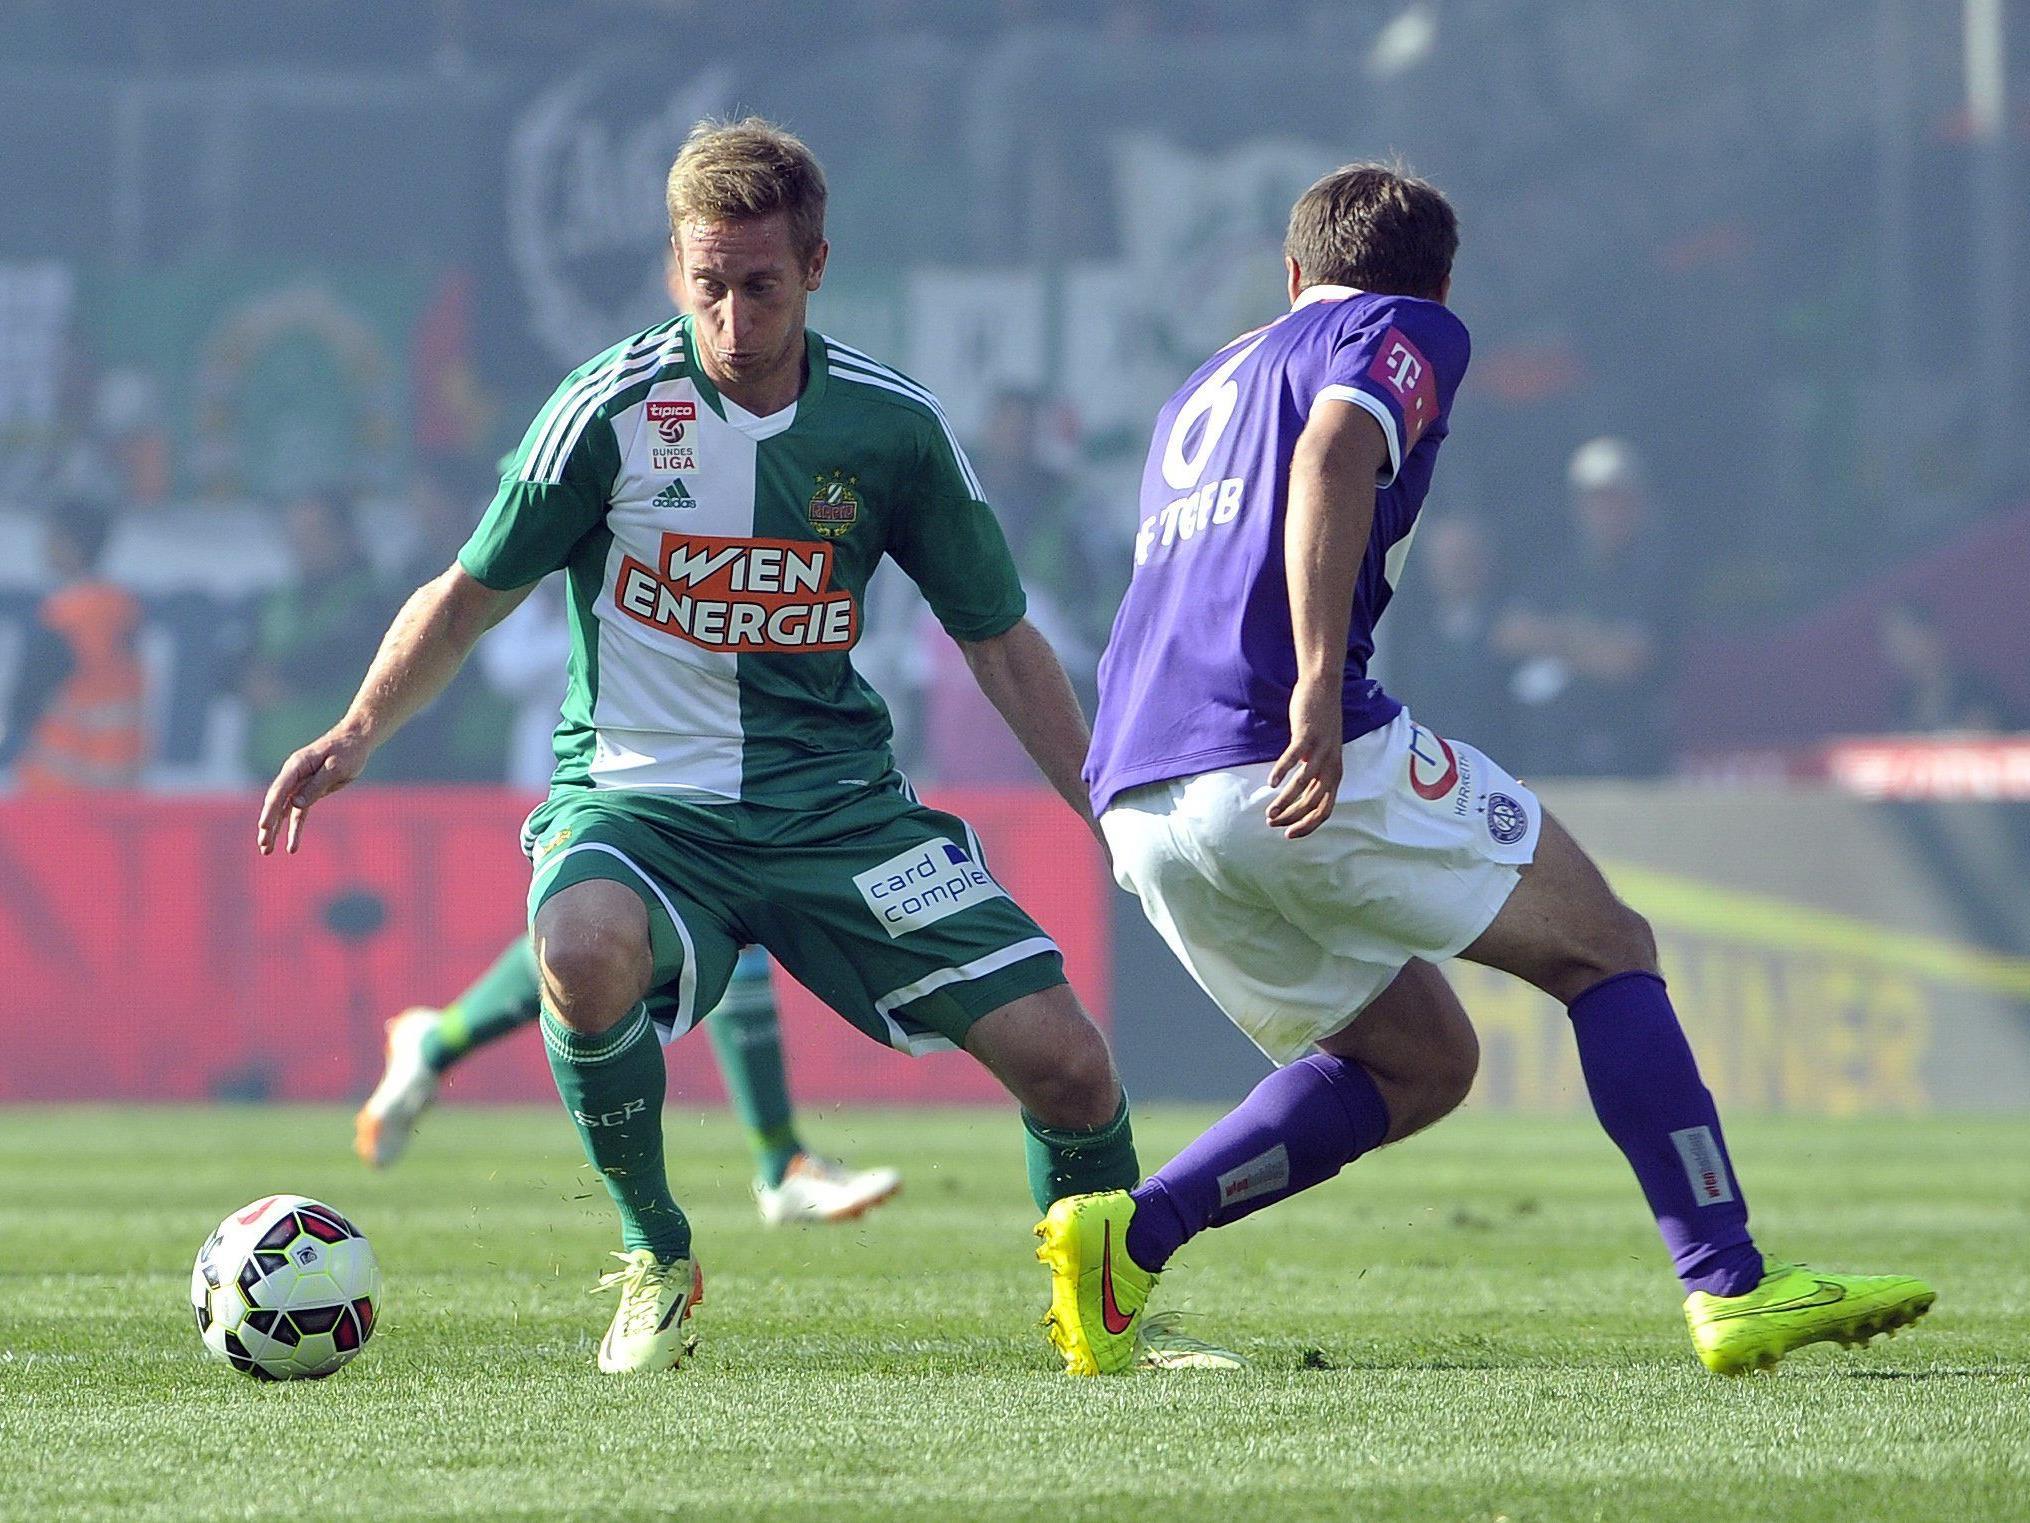 LIVE-Ticker zum Wiener Derby zwischen FK Austria Wien und SK Rapid Wien am Sonntag ab 16.30 Uhr.